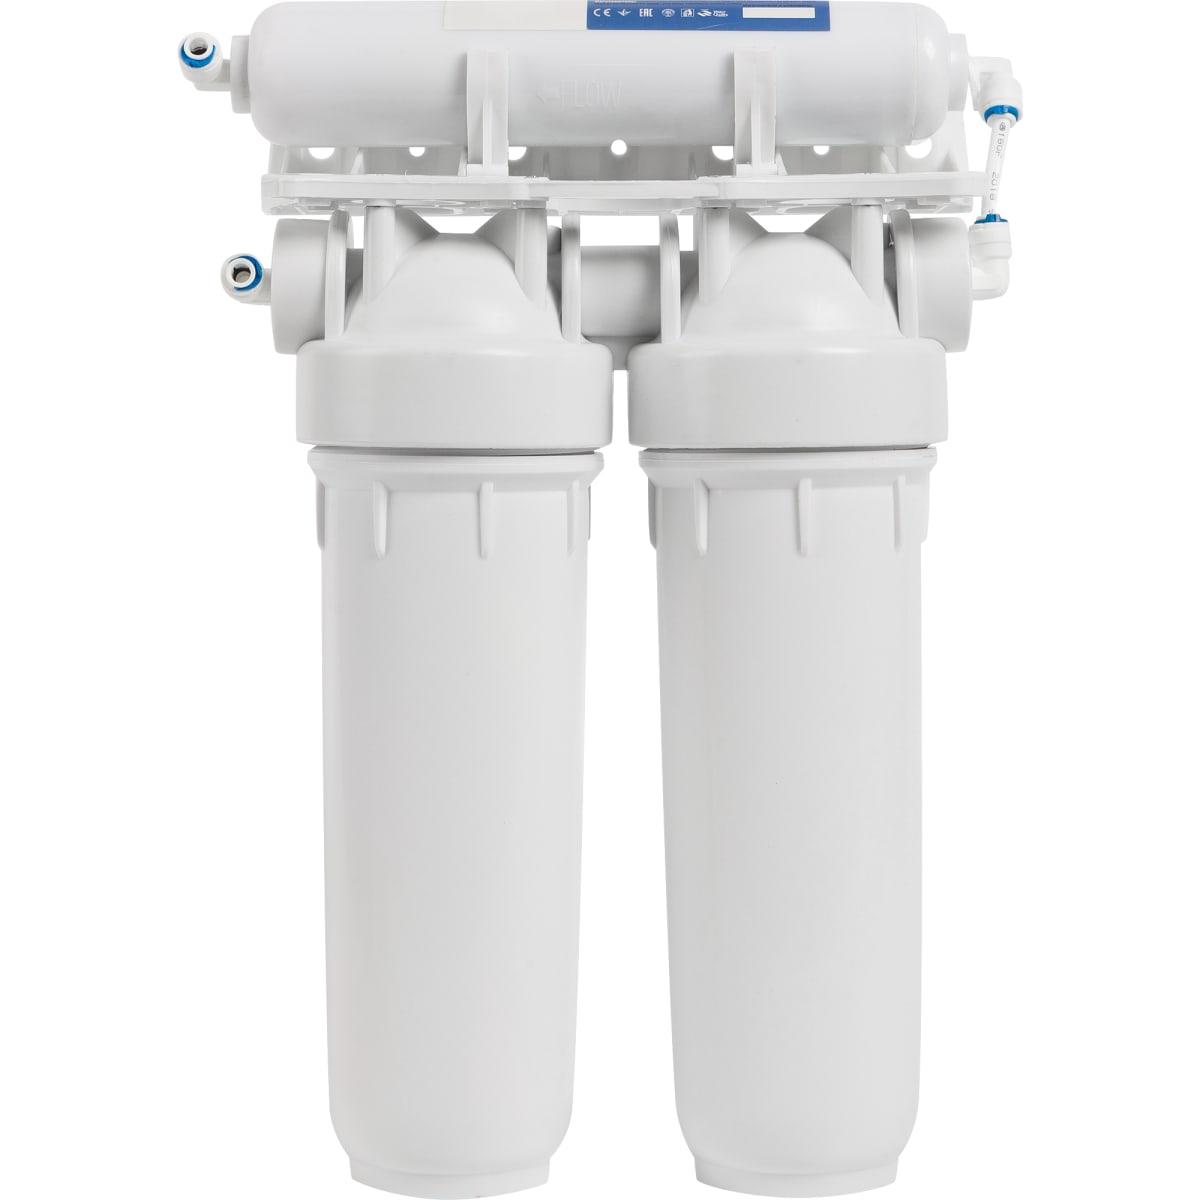 Система трёхступенчатая АкваКит PF-2-1 для нормальной воды